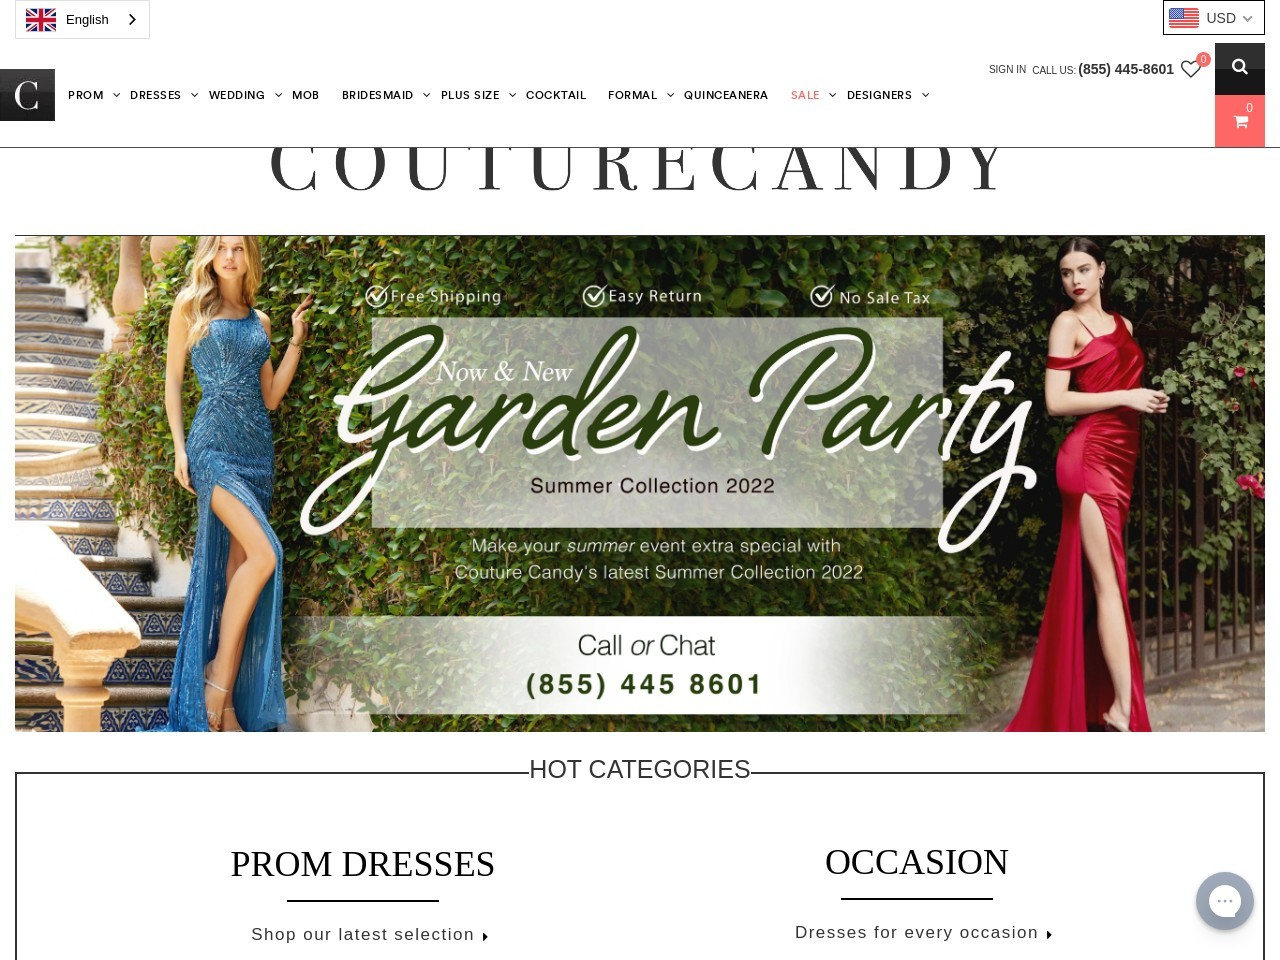 couturecandy.com